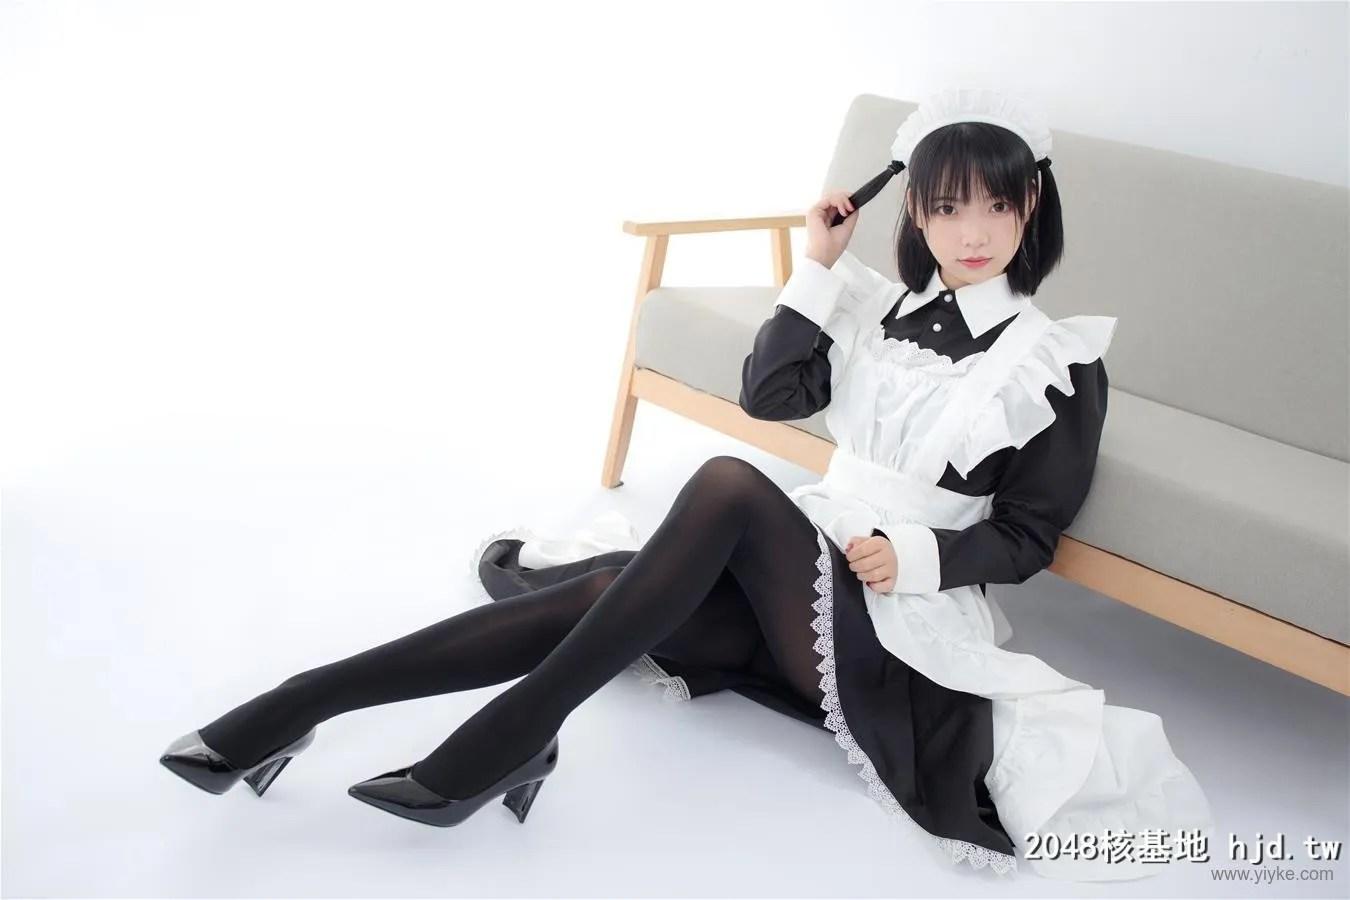 森萝财团_JKFUN-029 卉女仆 踩物 80D黑丝 [67P]插图(6)